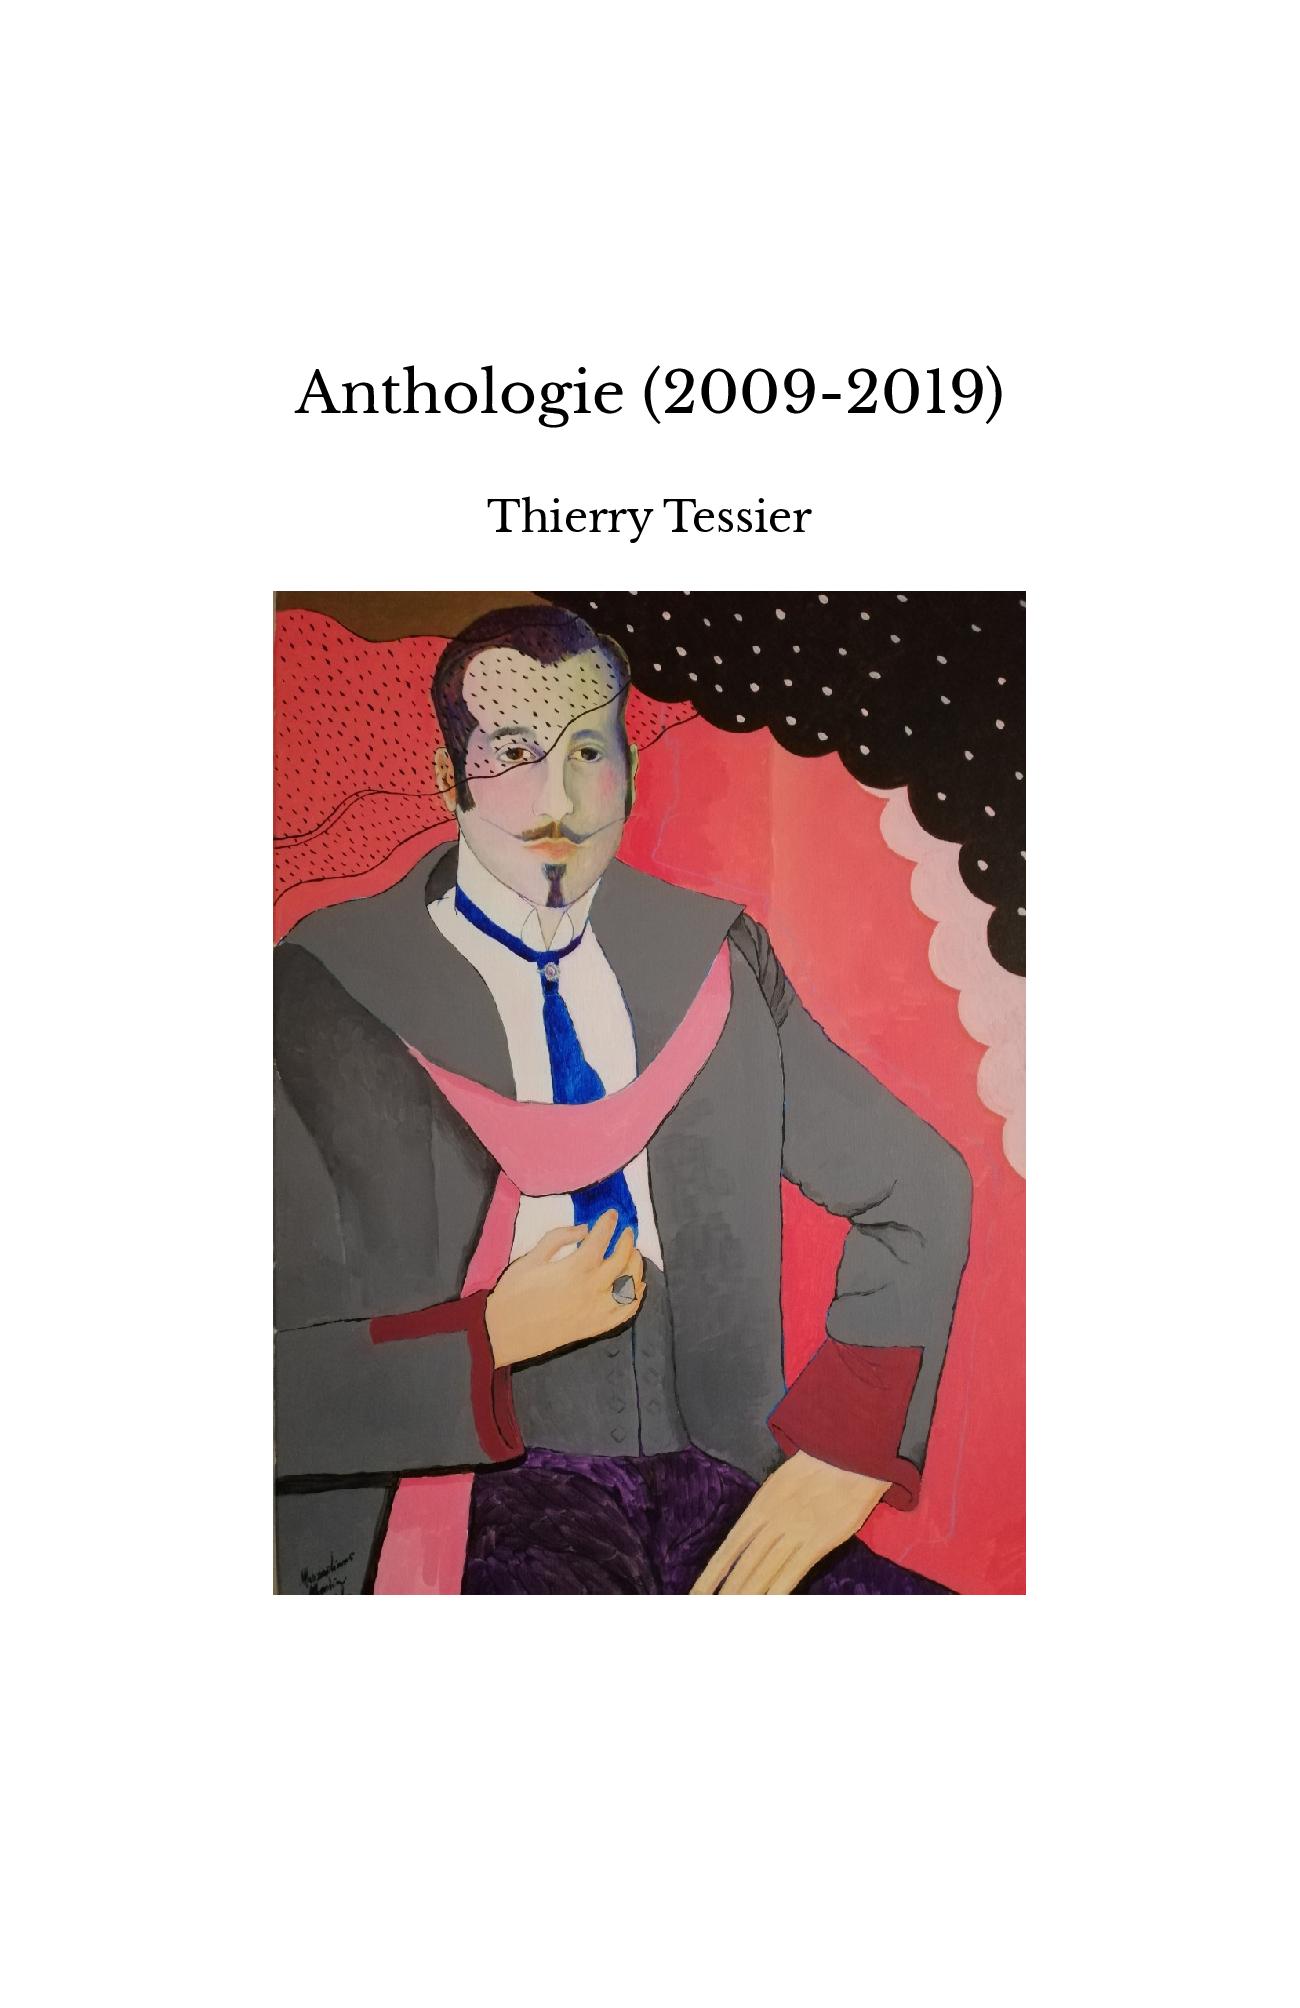 Anthologie (2009-2019)